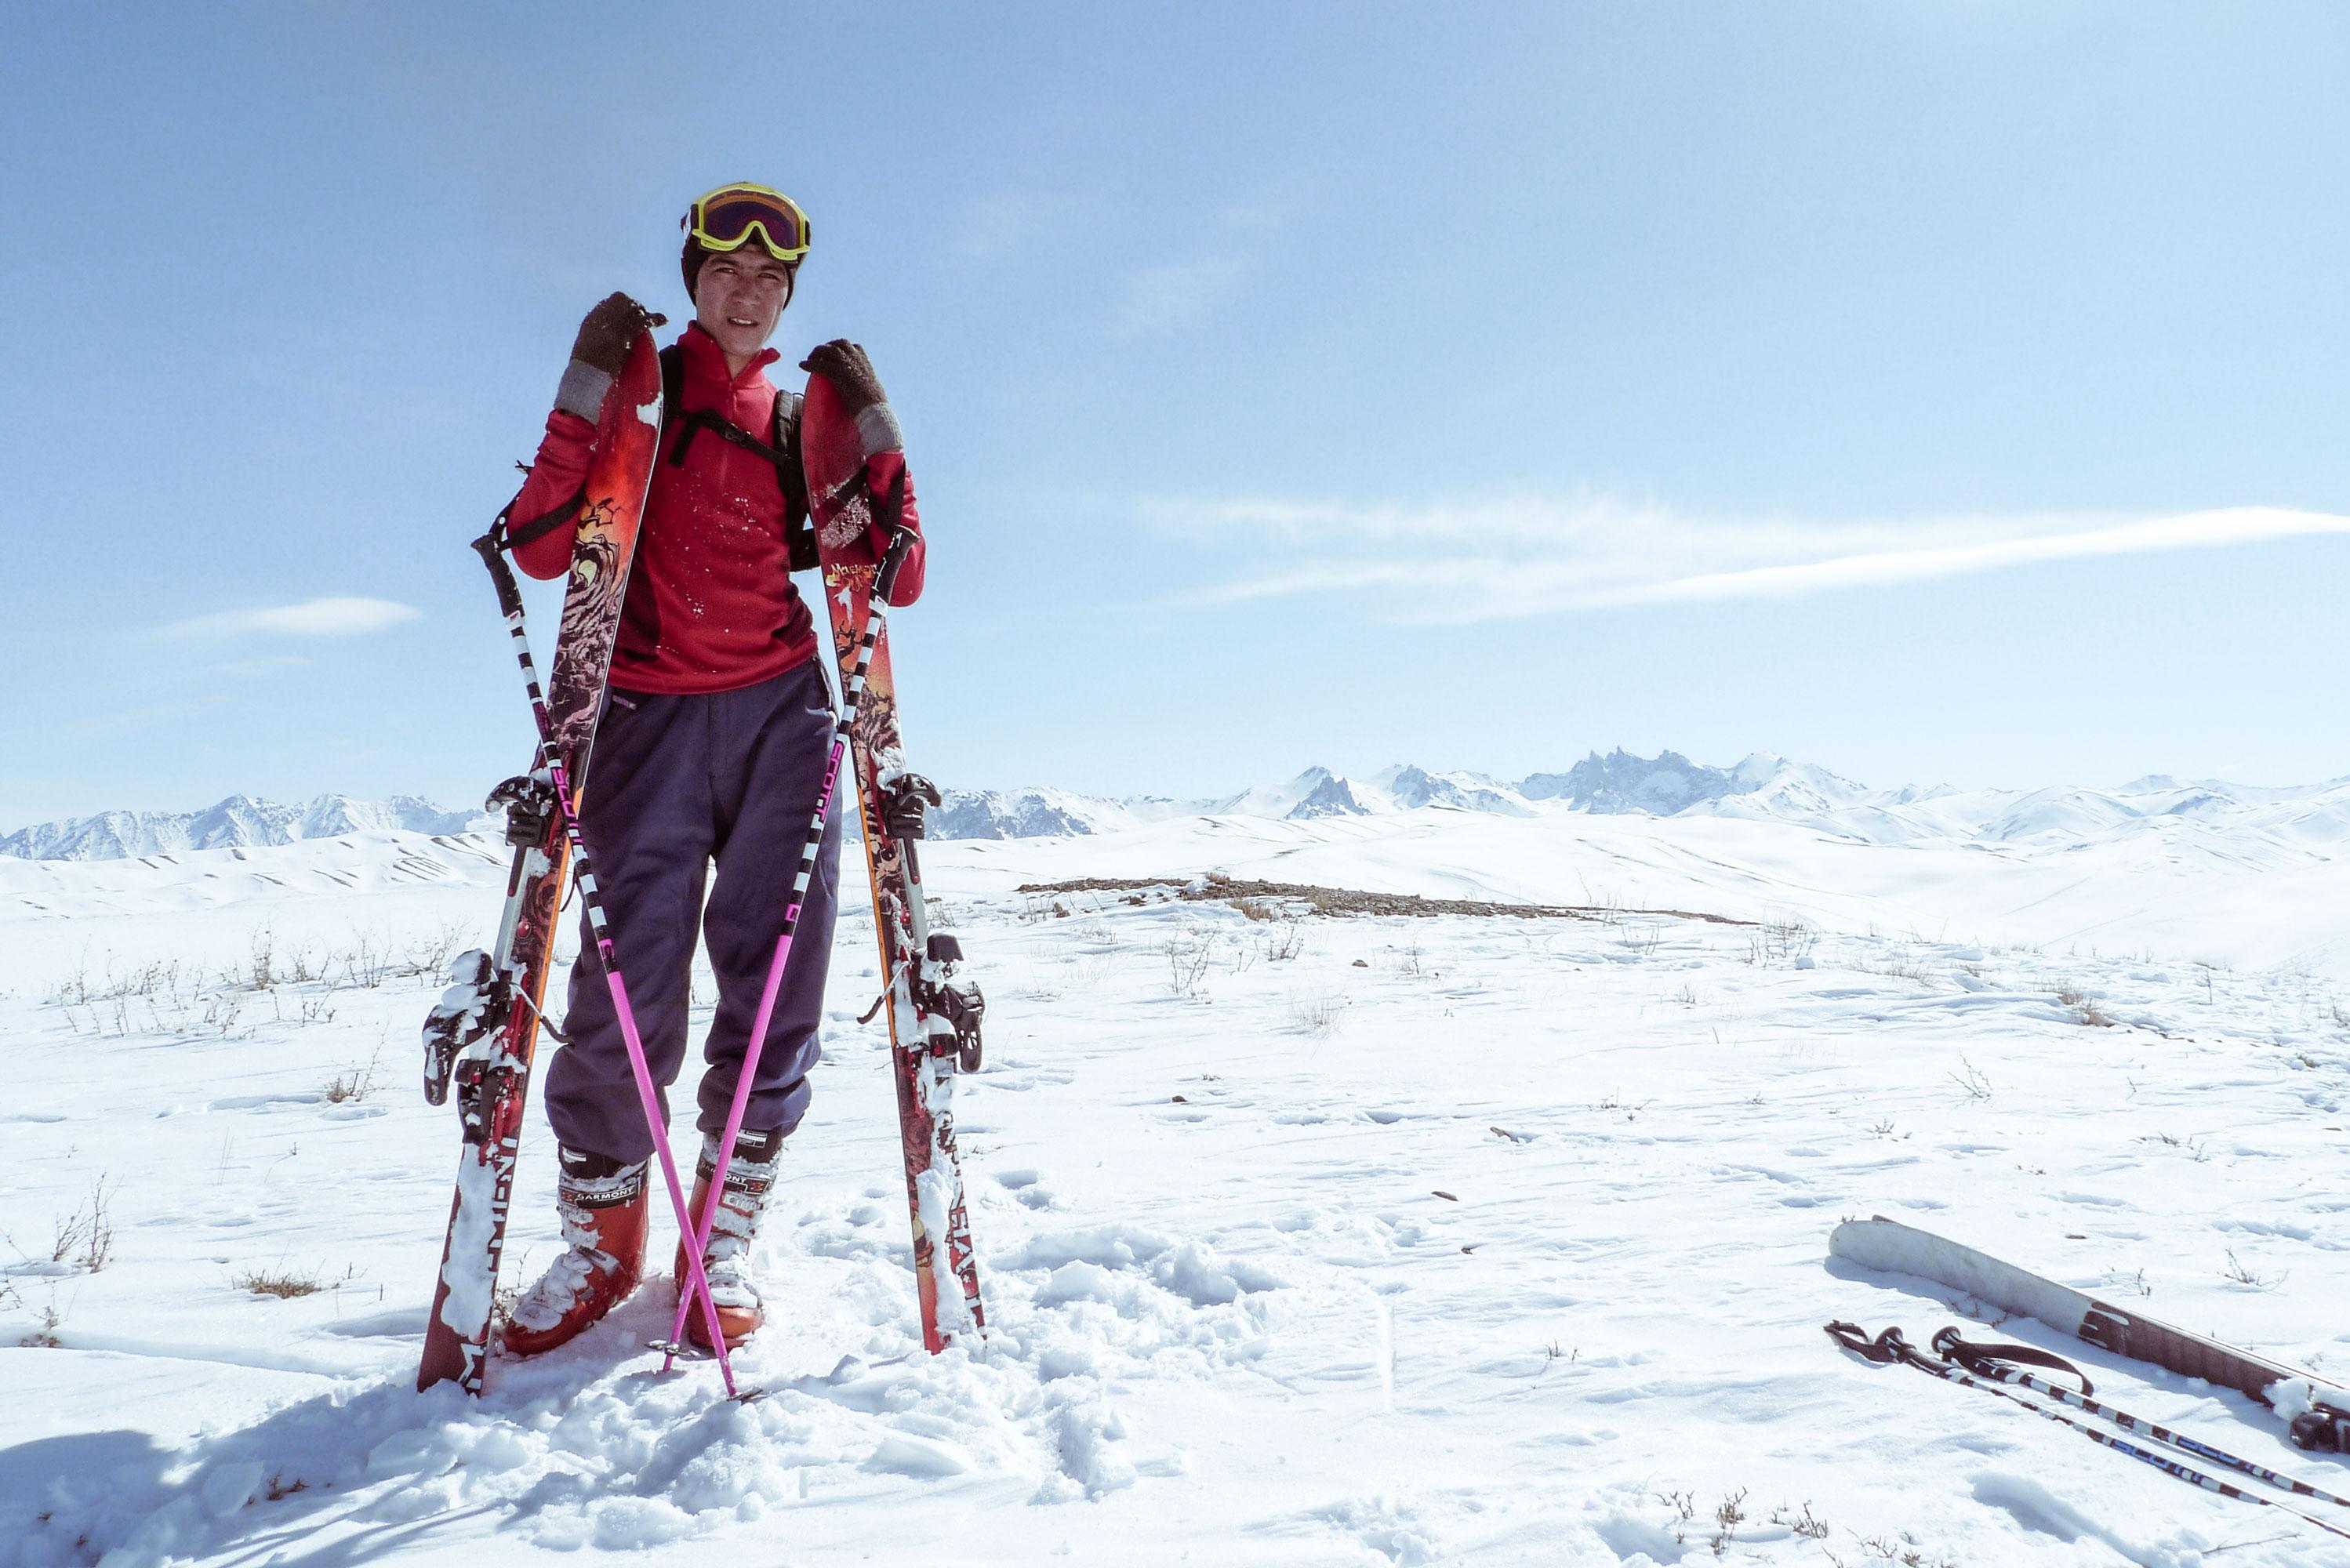 ski movies 2016